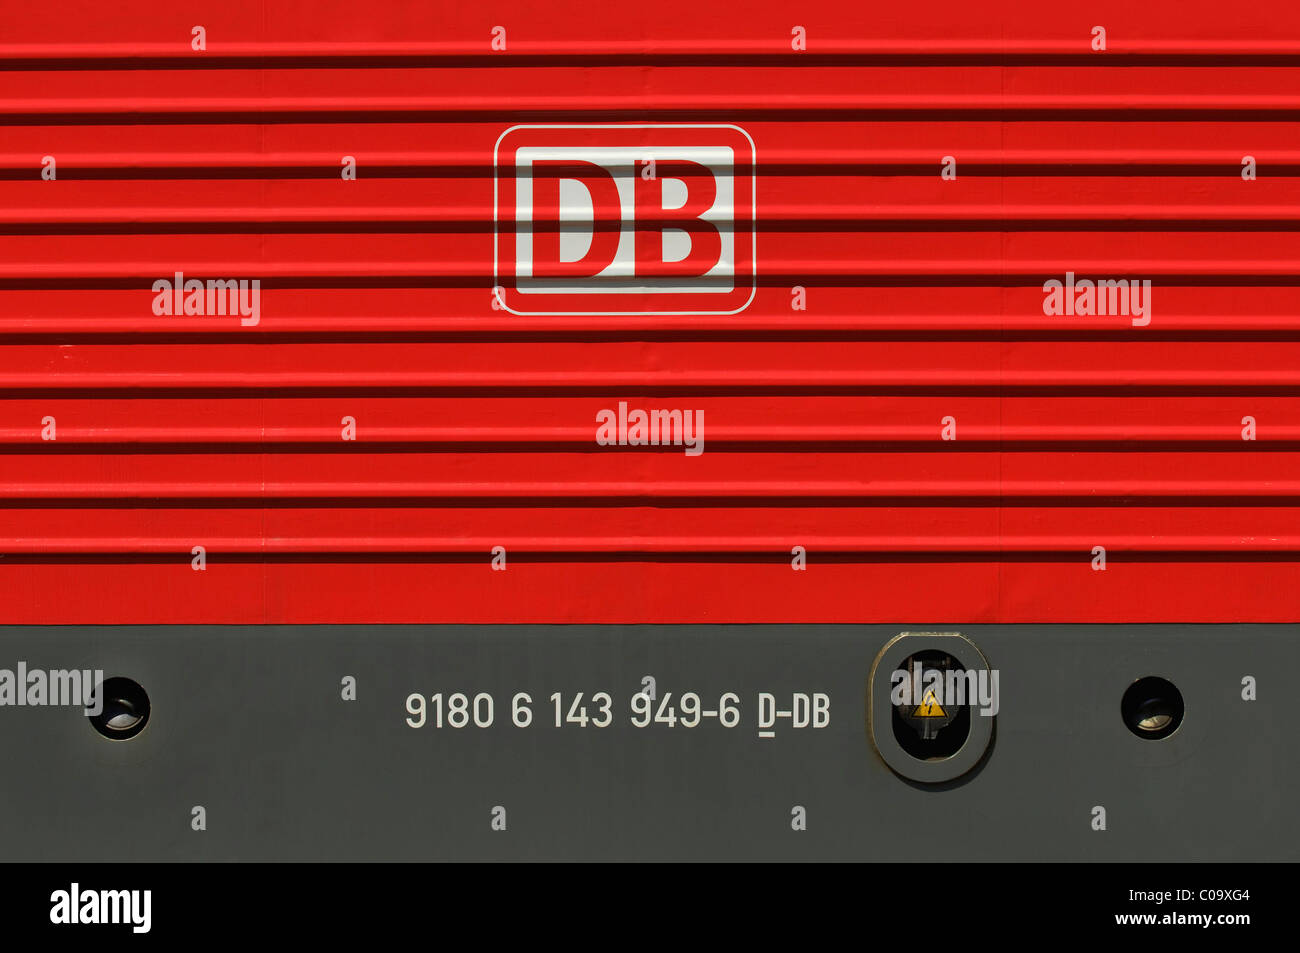 DB, estación de logotipo en una locomotora eléctrica roja Imagen De Stock